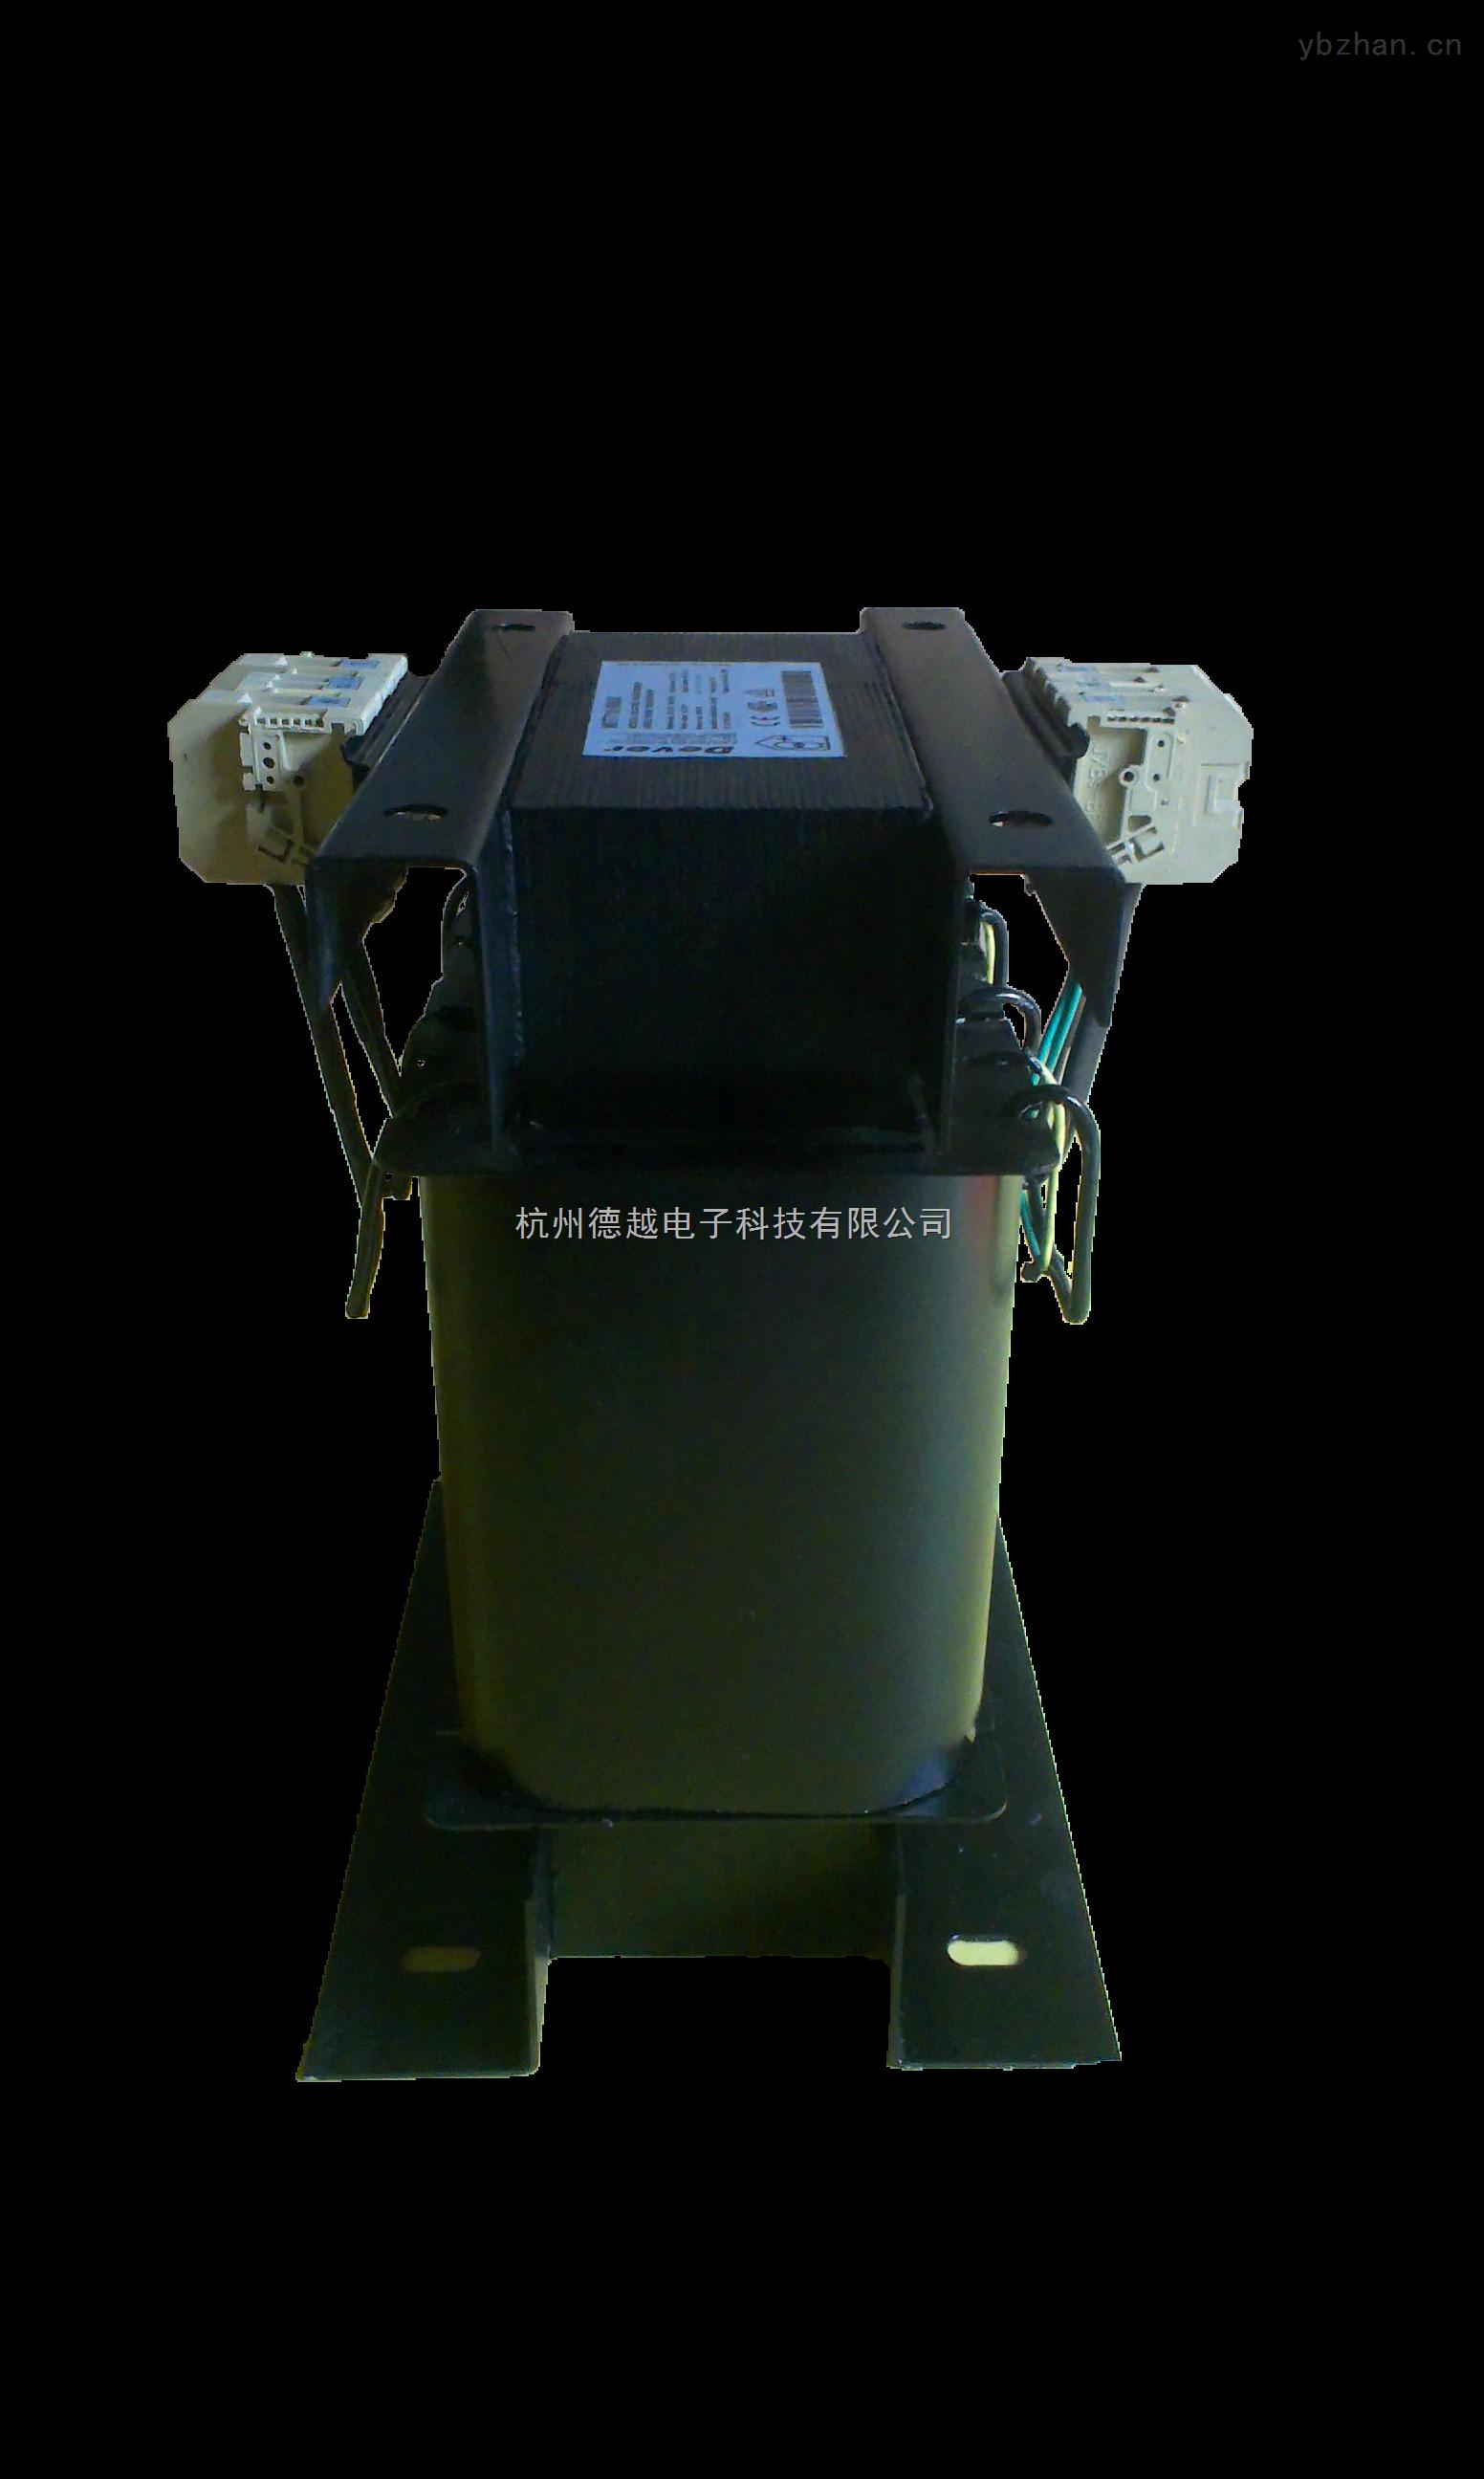 TRF710隔离变压器